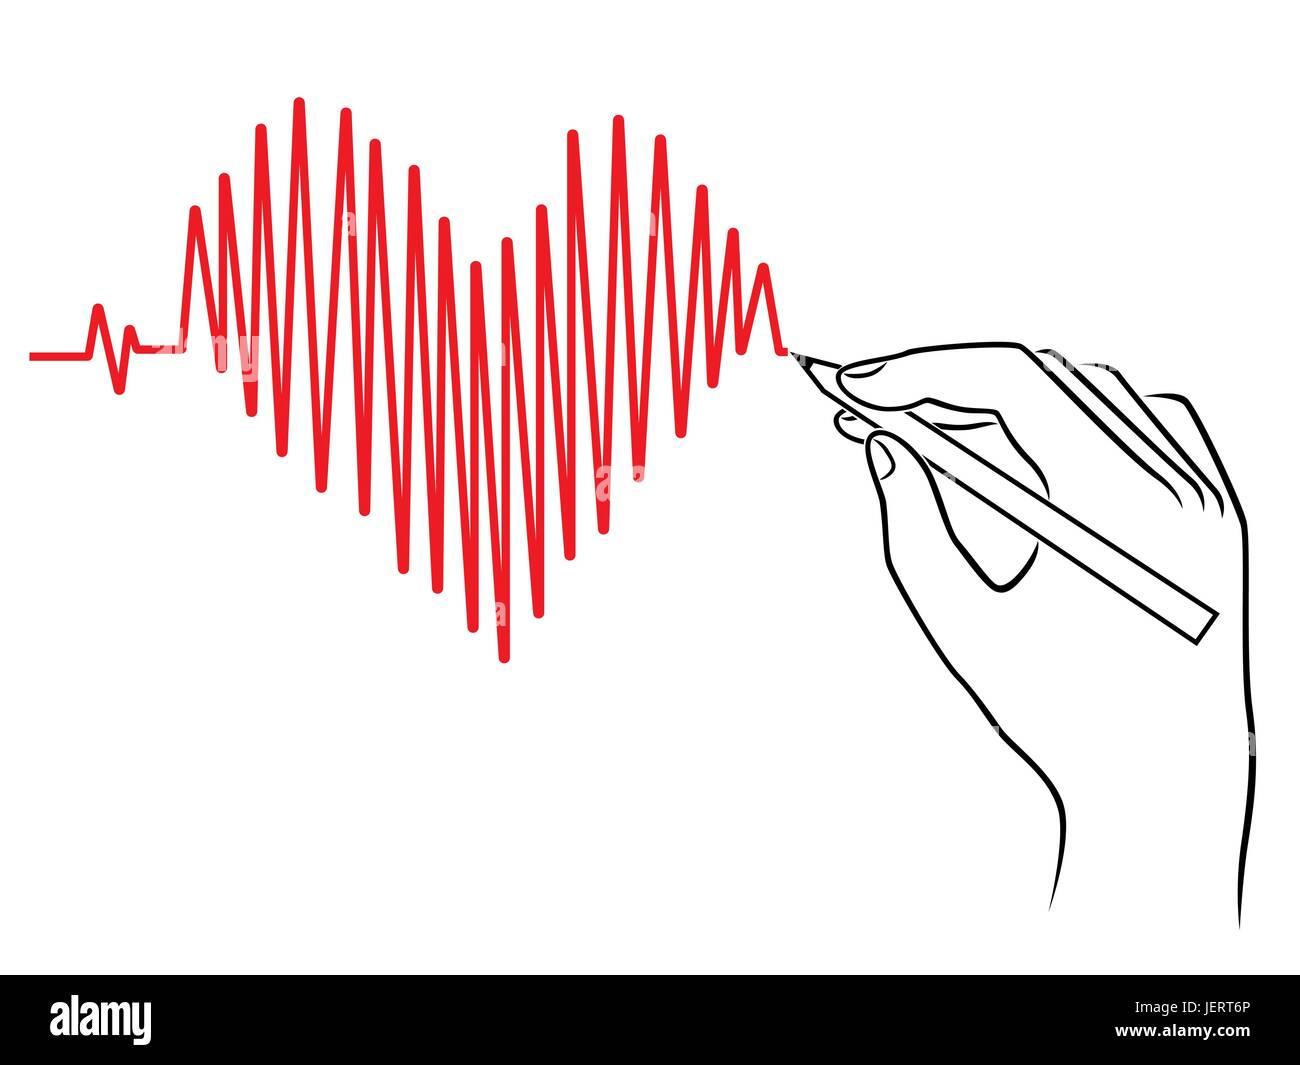 Herz Und Kunstwerk Medizin Stockfotos Herz Und Kunstwerk Medizin